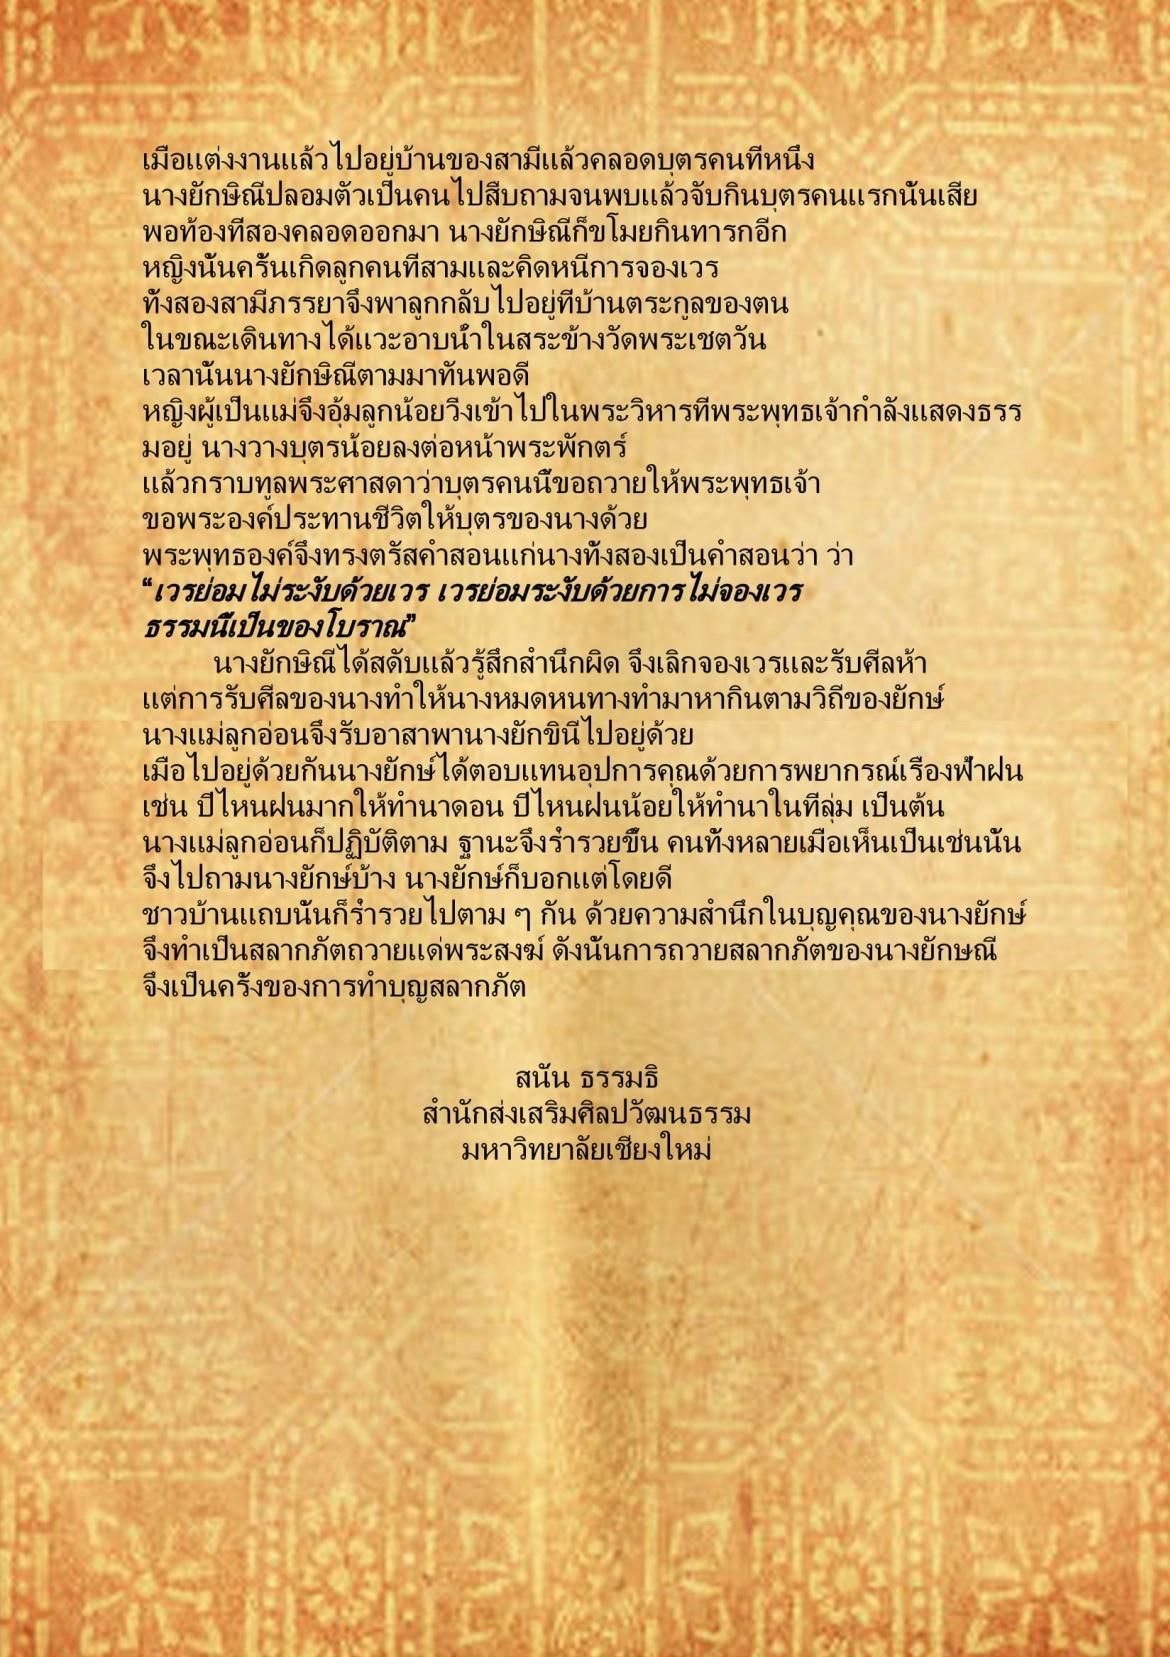 กิ๋นก๋วยสลาก (2) - 26  กันยายน  2559